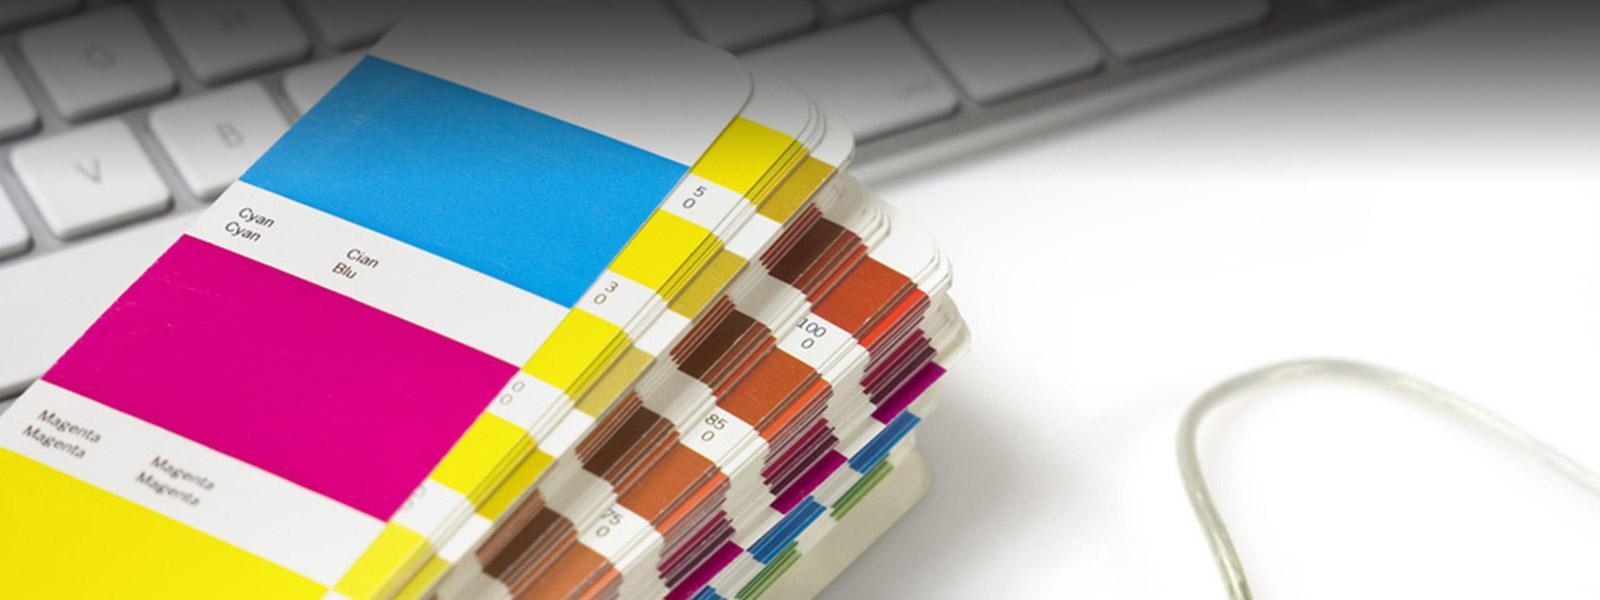 Il Pantone quotidiano: i colori degli oggetti di ogni giorno